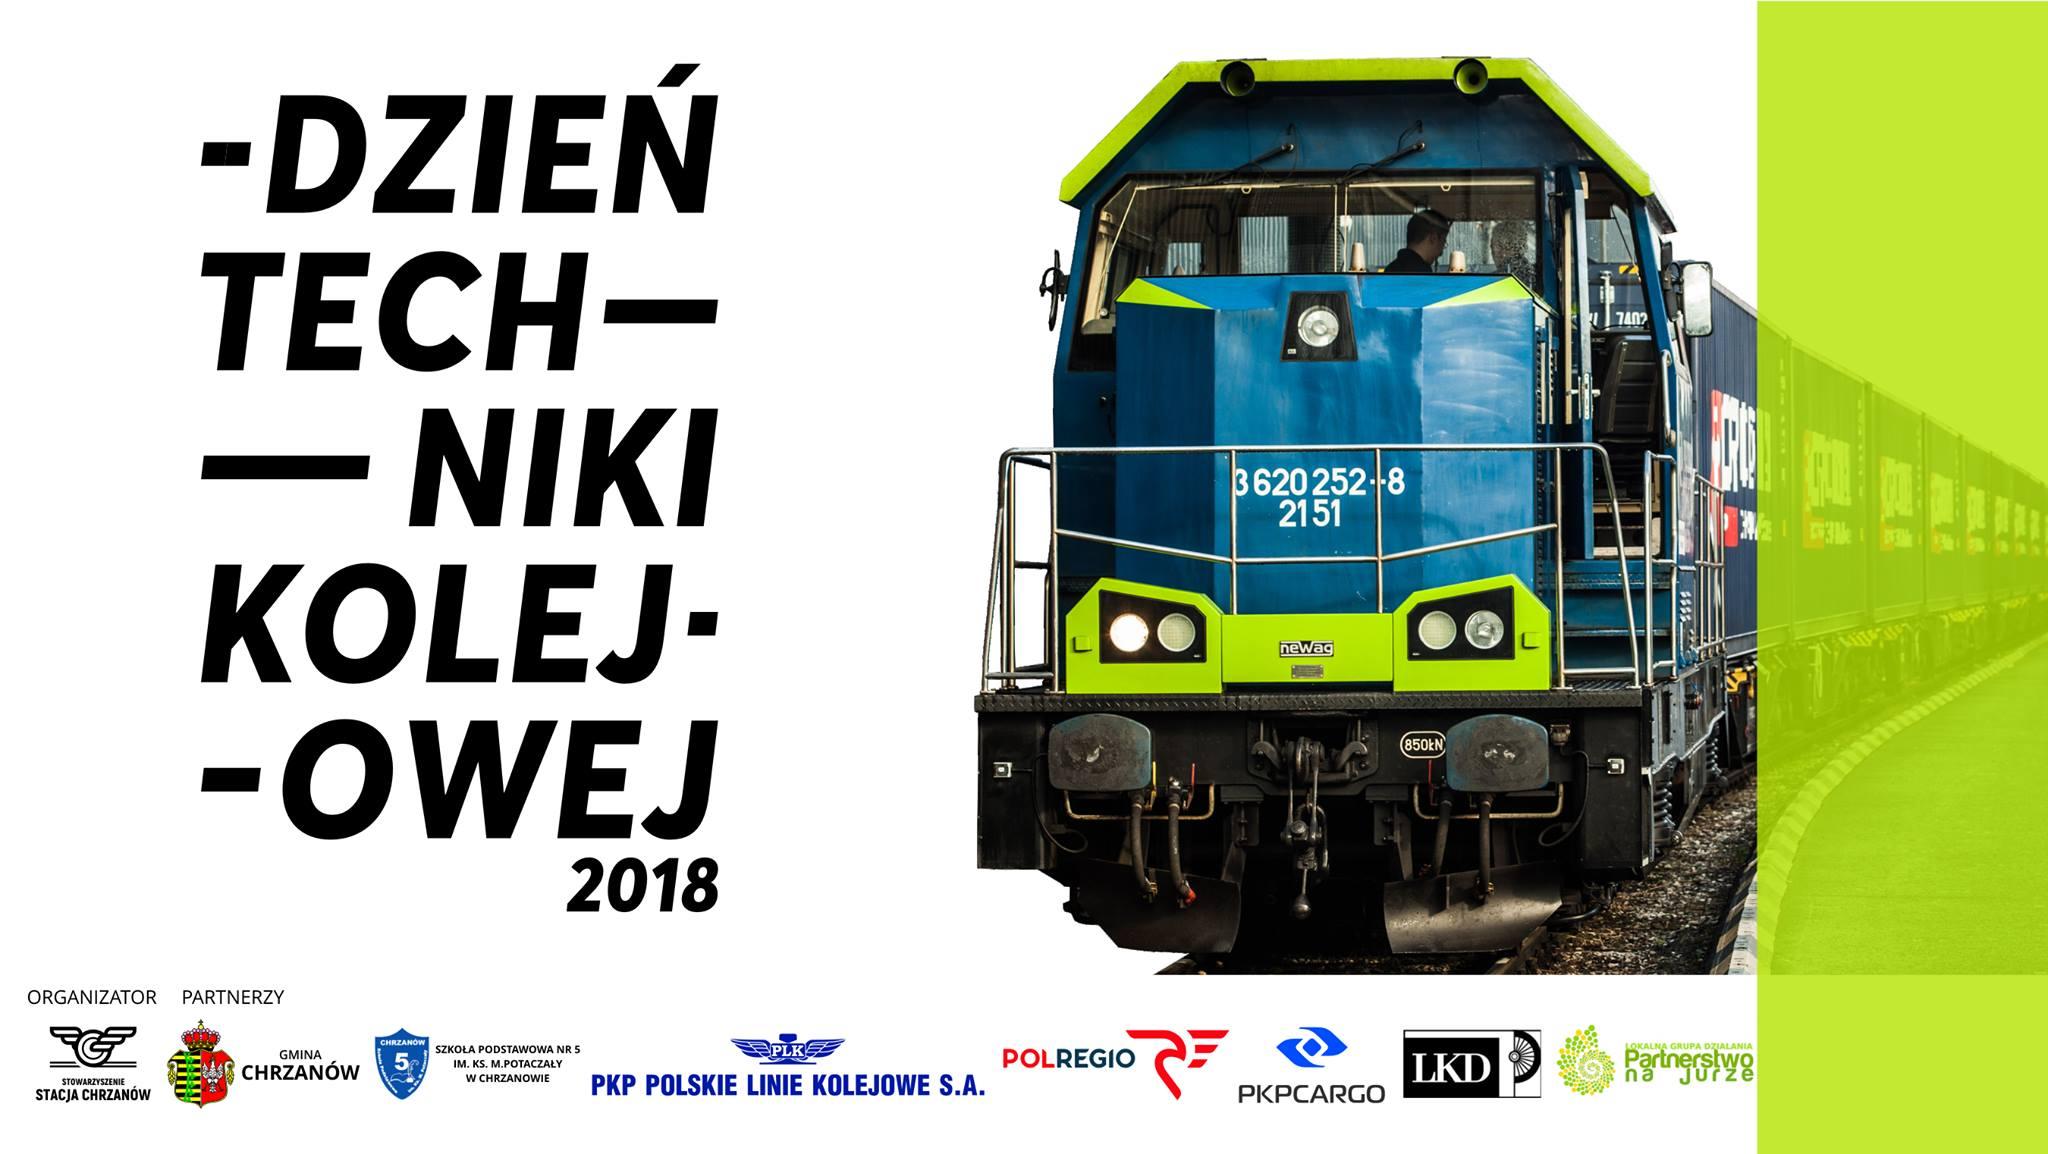 NaKolei.pl - Dzień Techniki Kolejowej w Chrzanowie. II edycja rusza już 17 czerwca